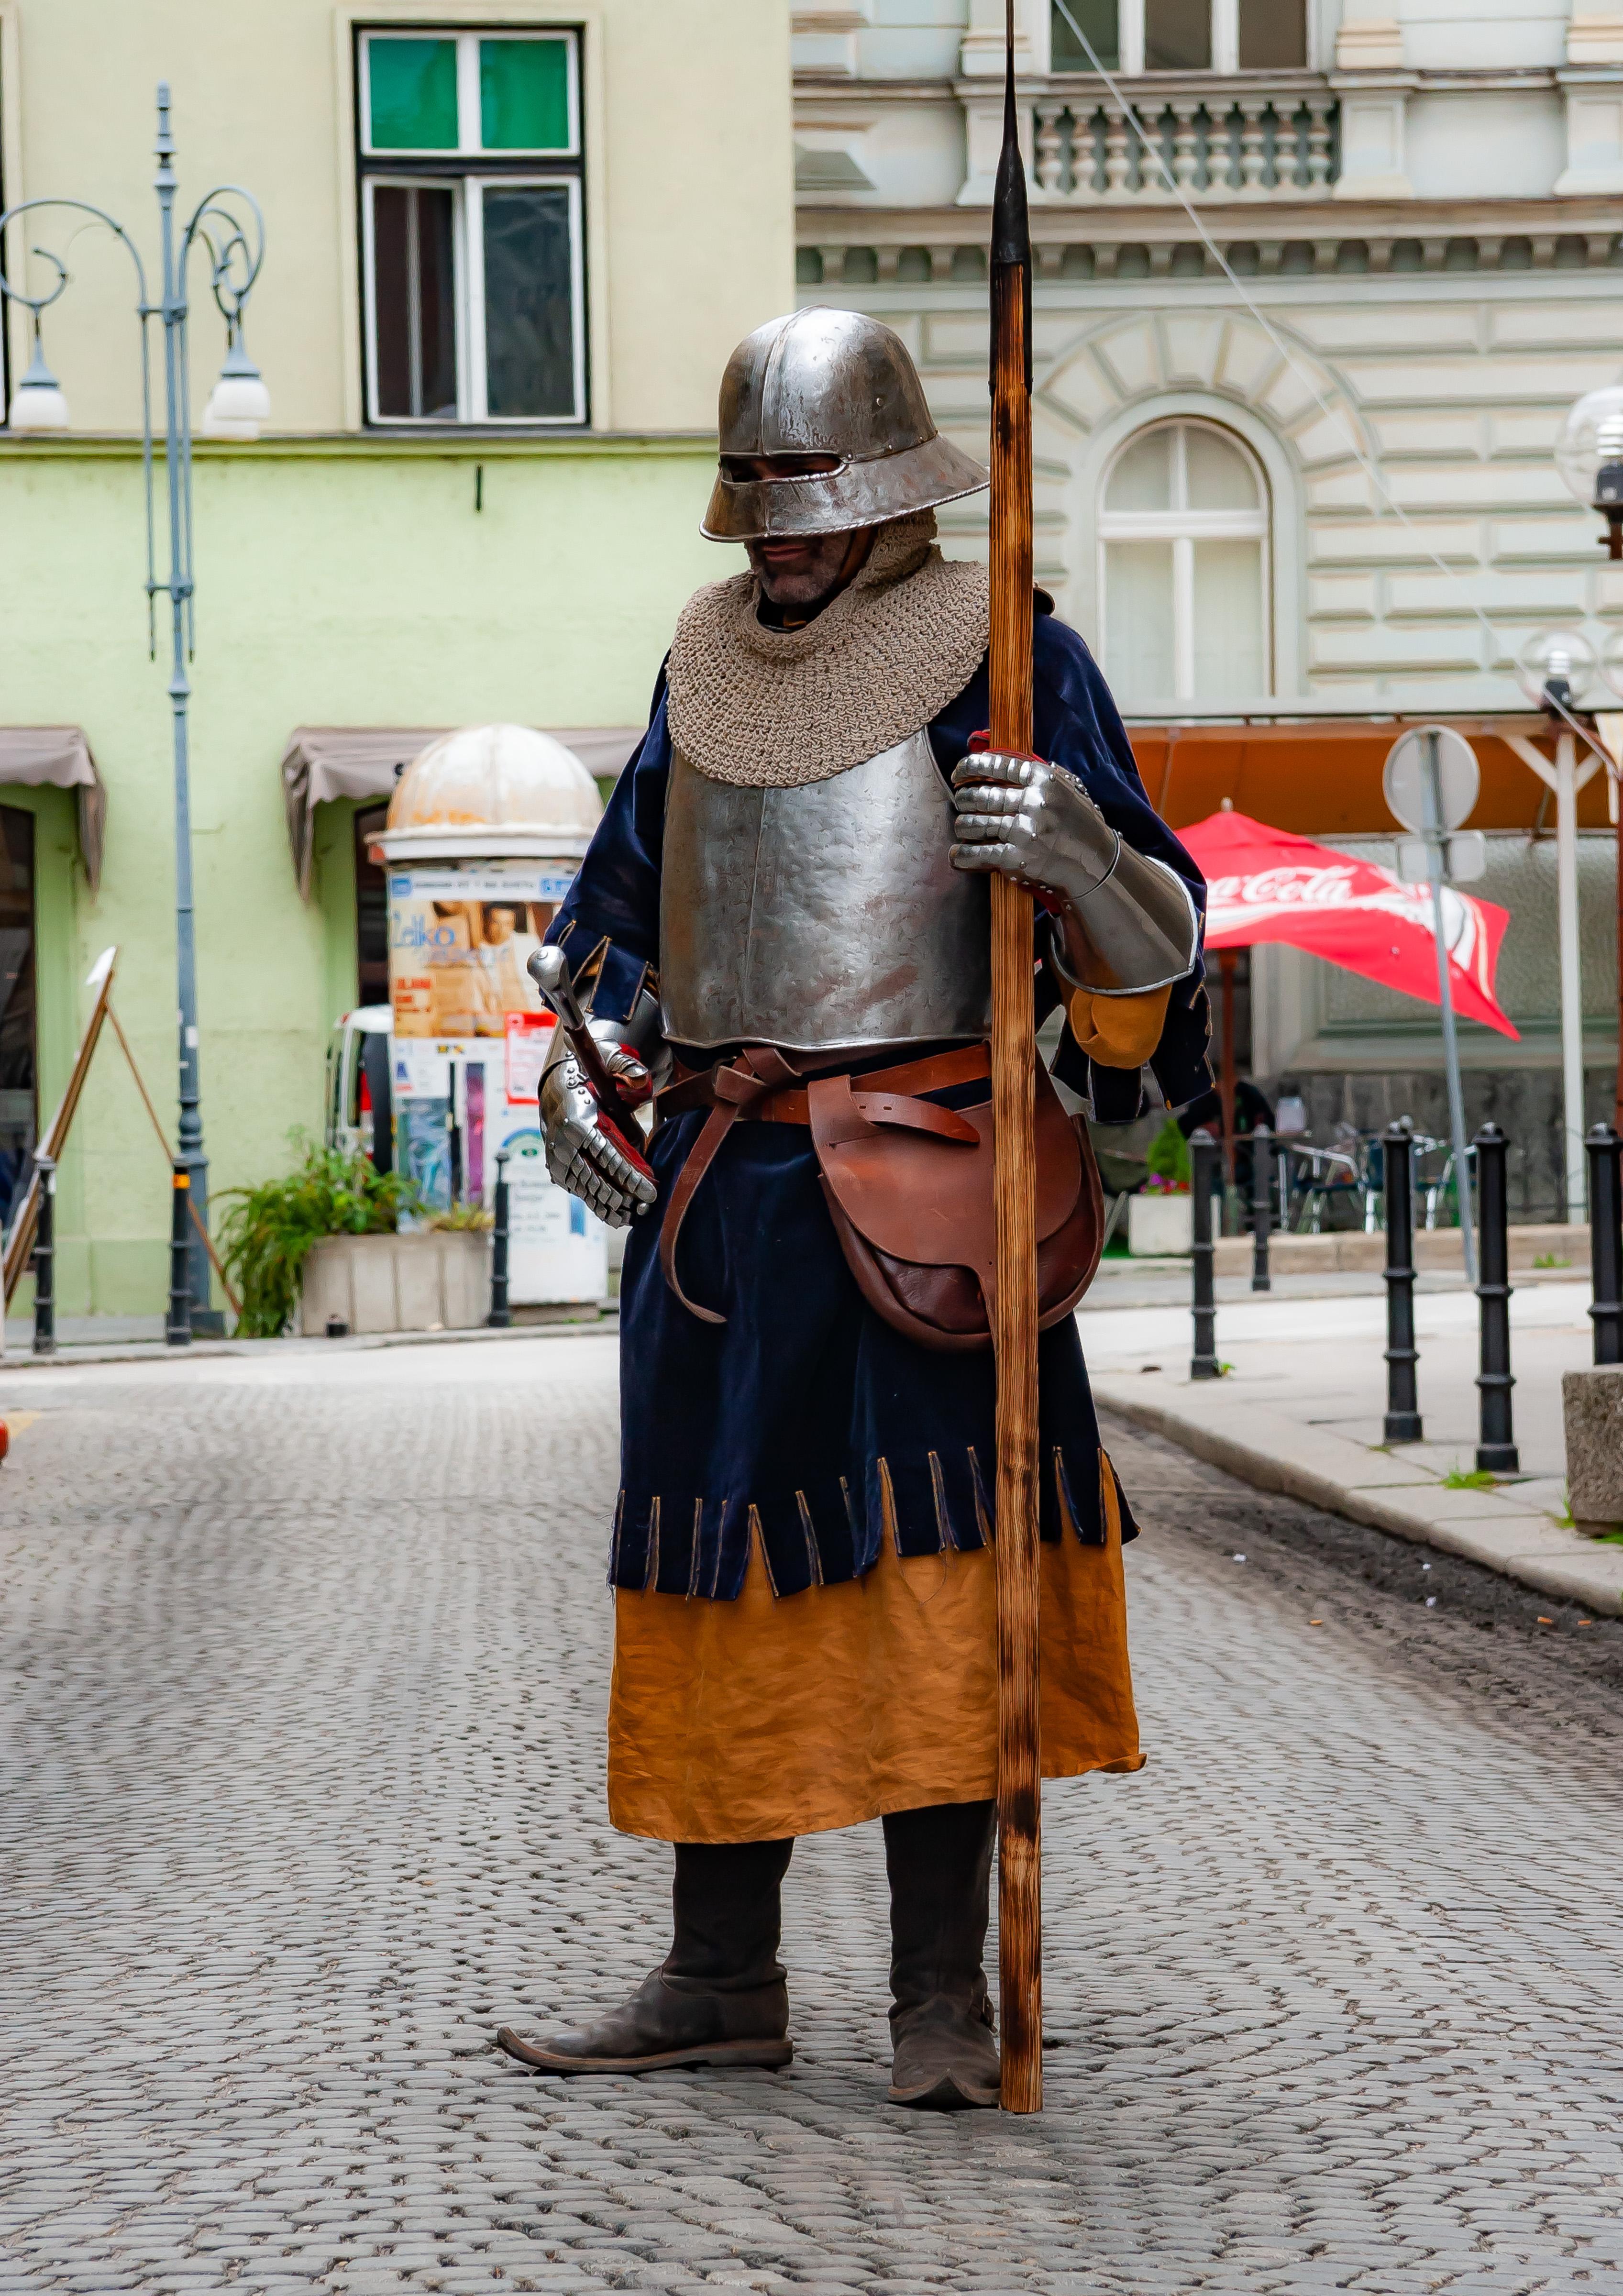 Slovenia, Celje Prov, Knight, 2006, IMG 7809